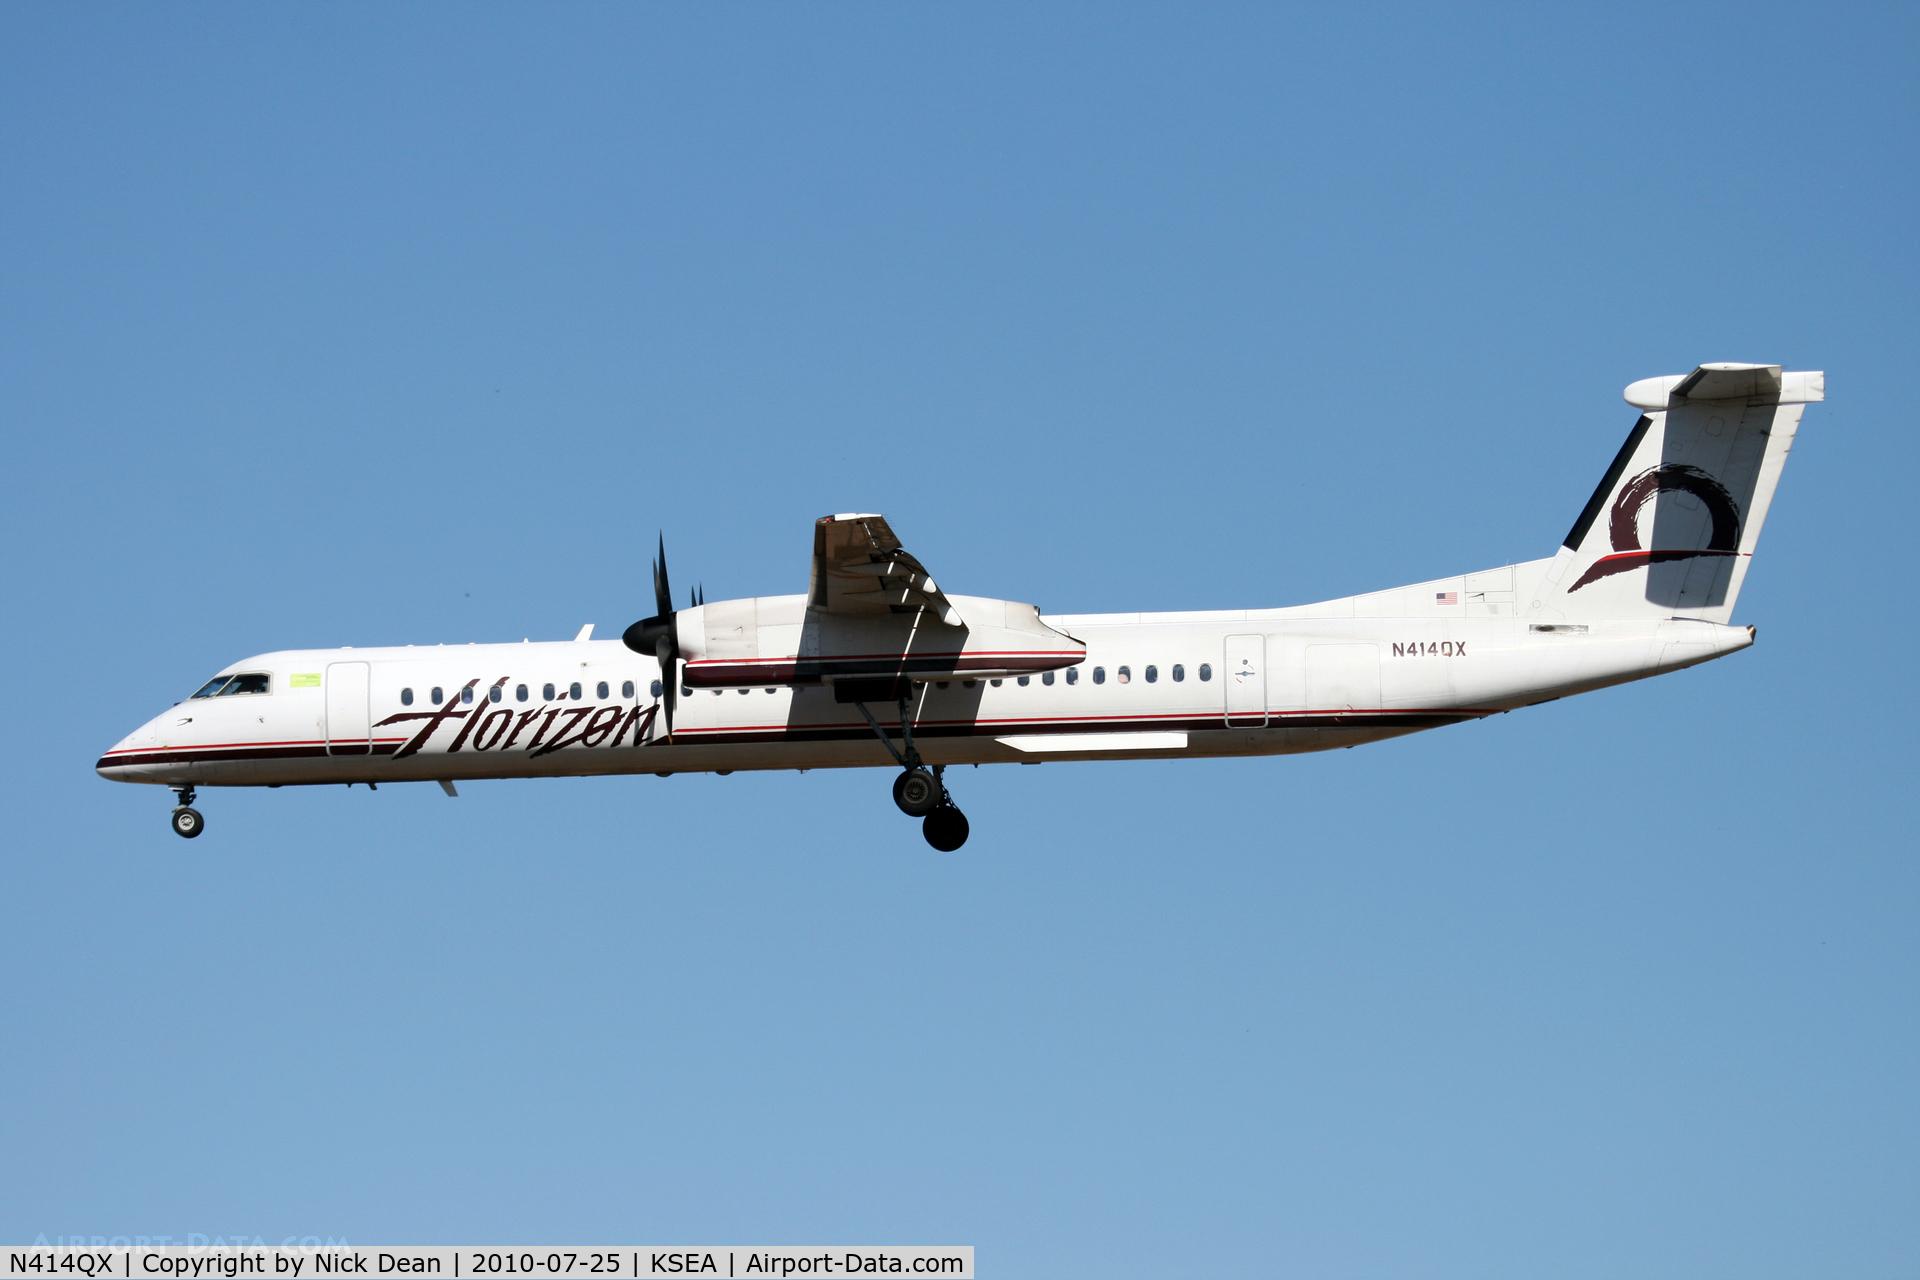 N414QX, 2002 Bombardier DHC-8-402 Dash 8 C/N 4061, KSEA